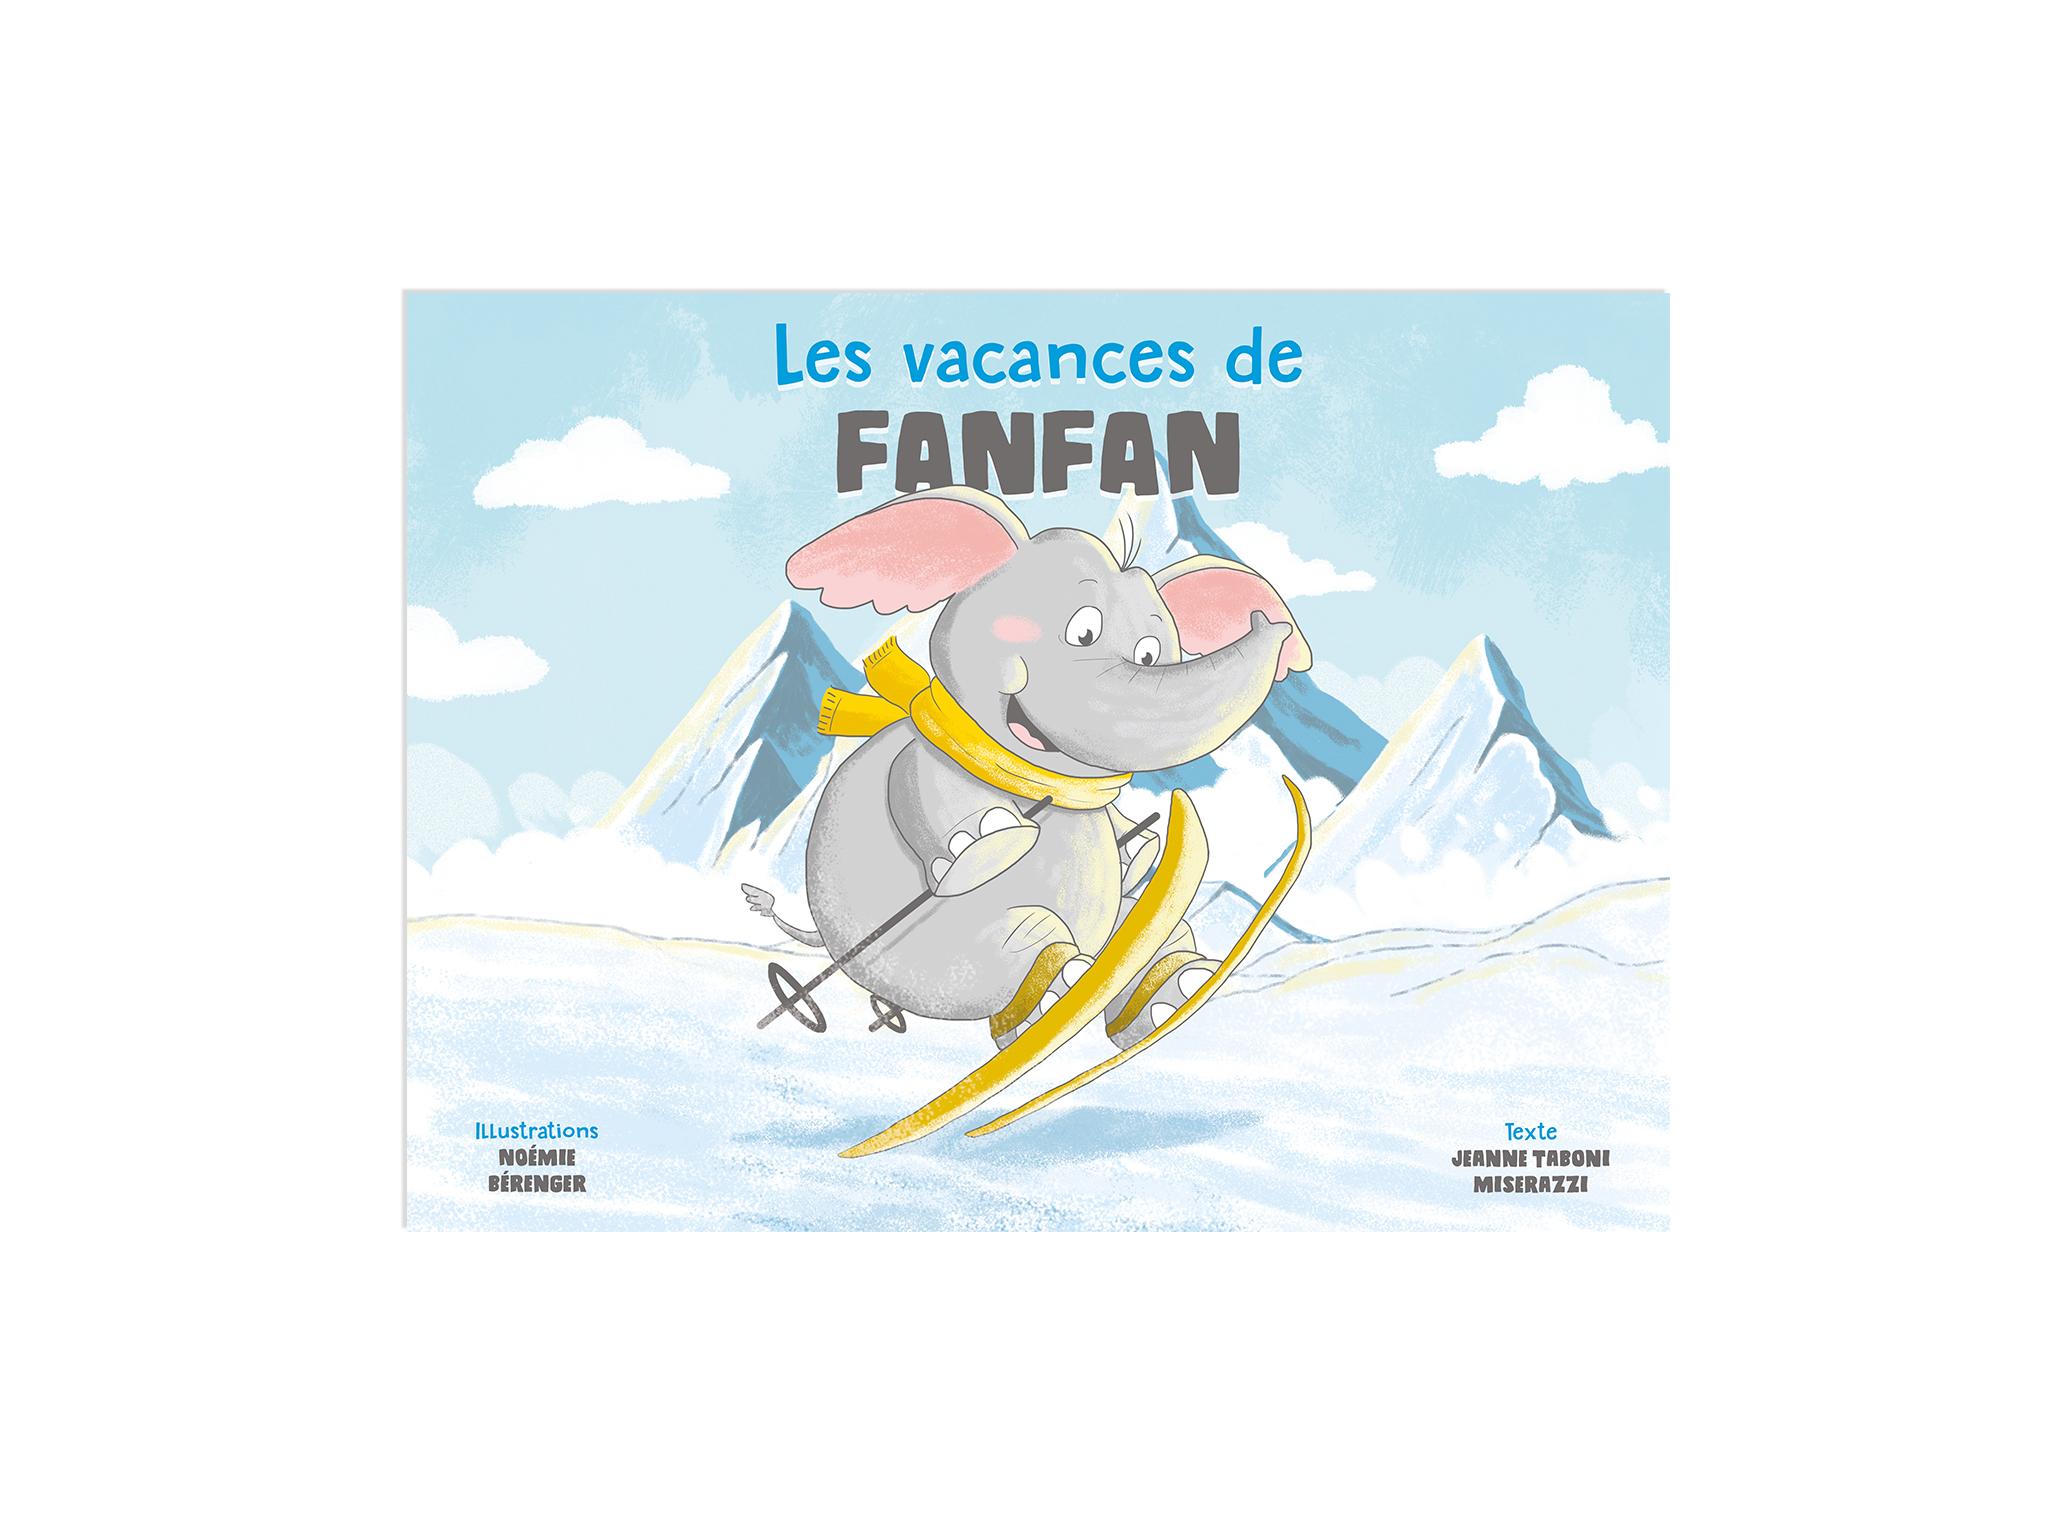 Les vacances de Fanfan